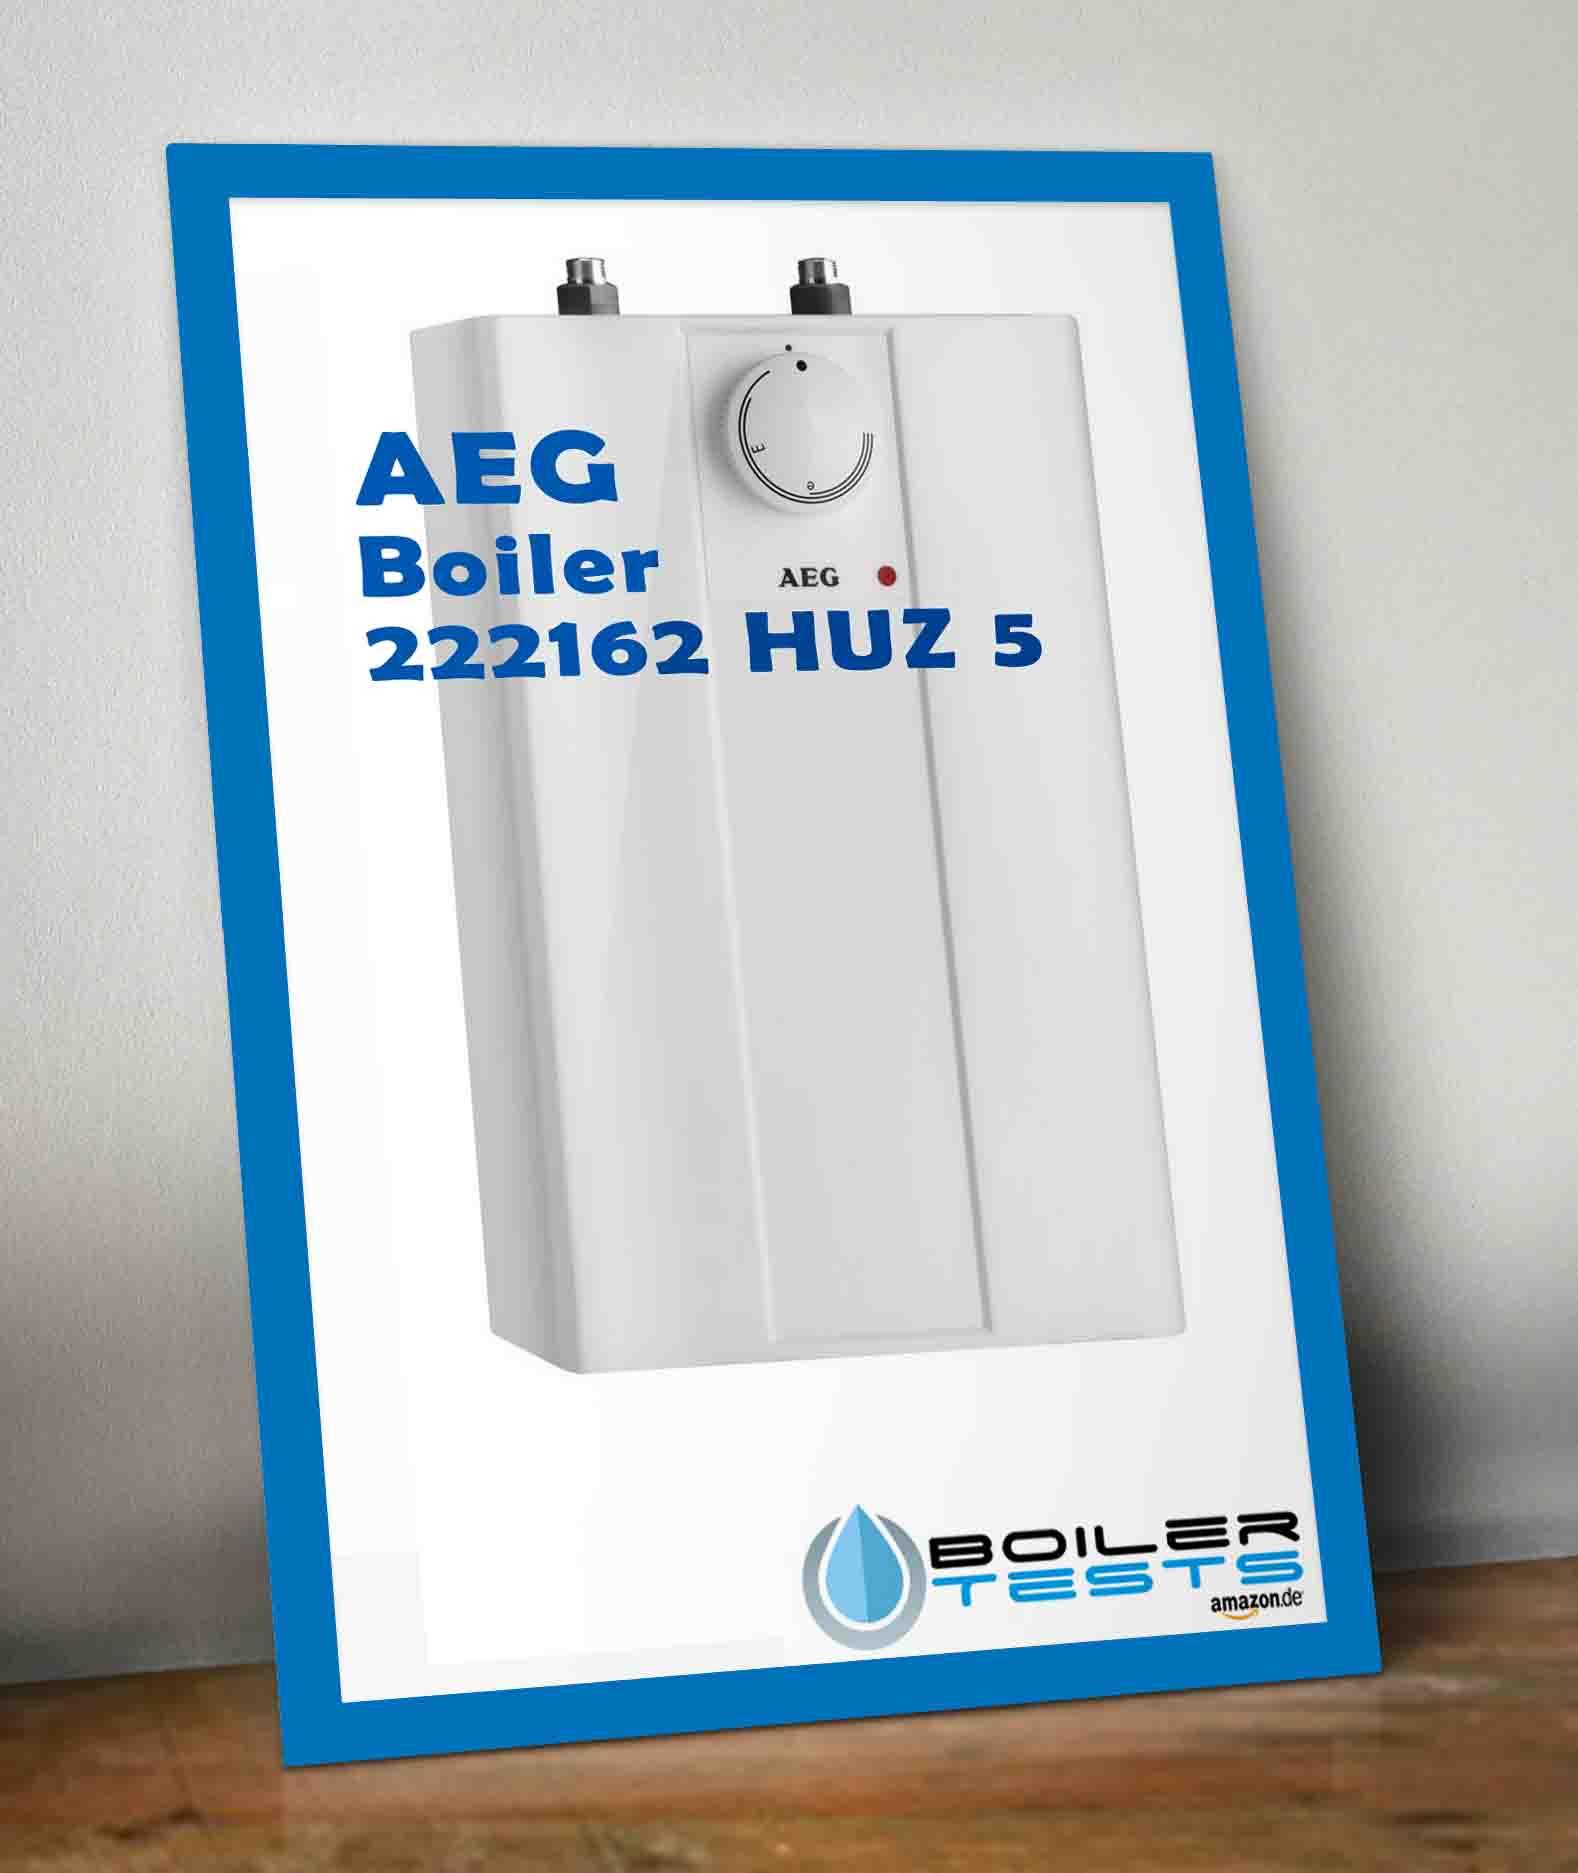 AEG huz 5 Kleinspeicher Boiler